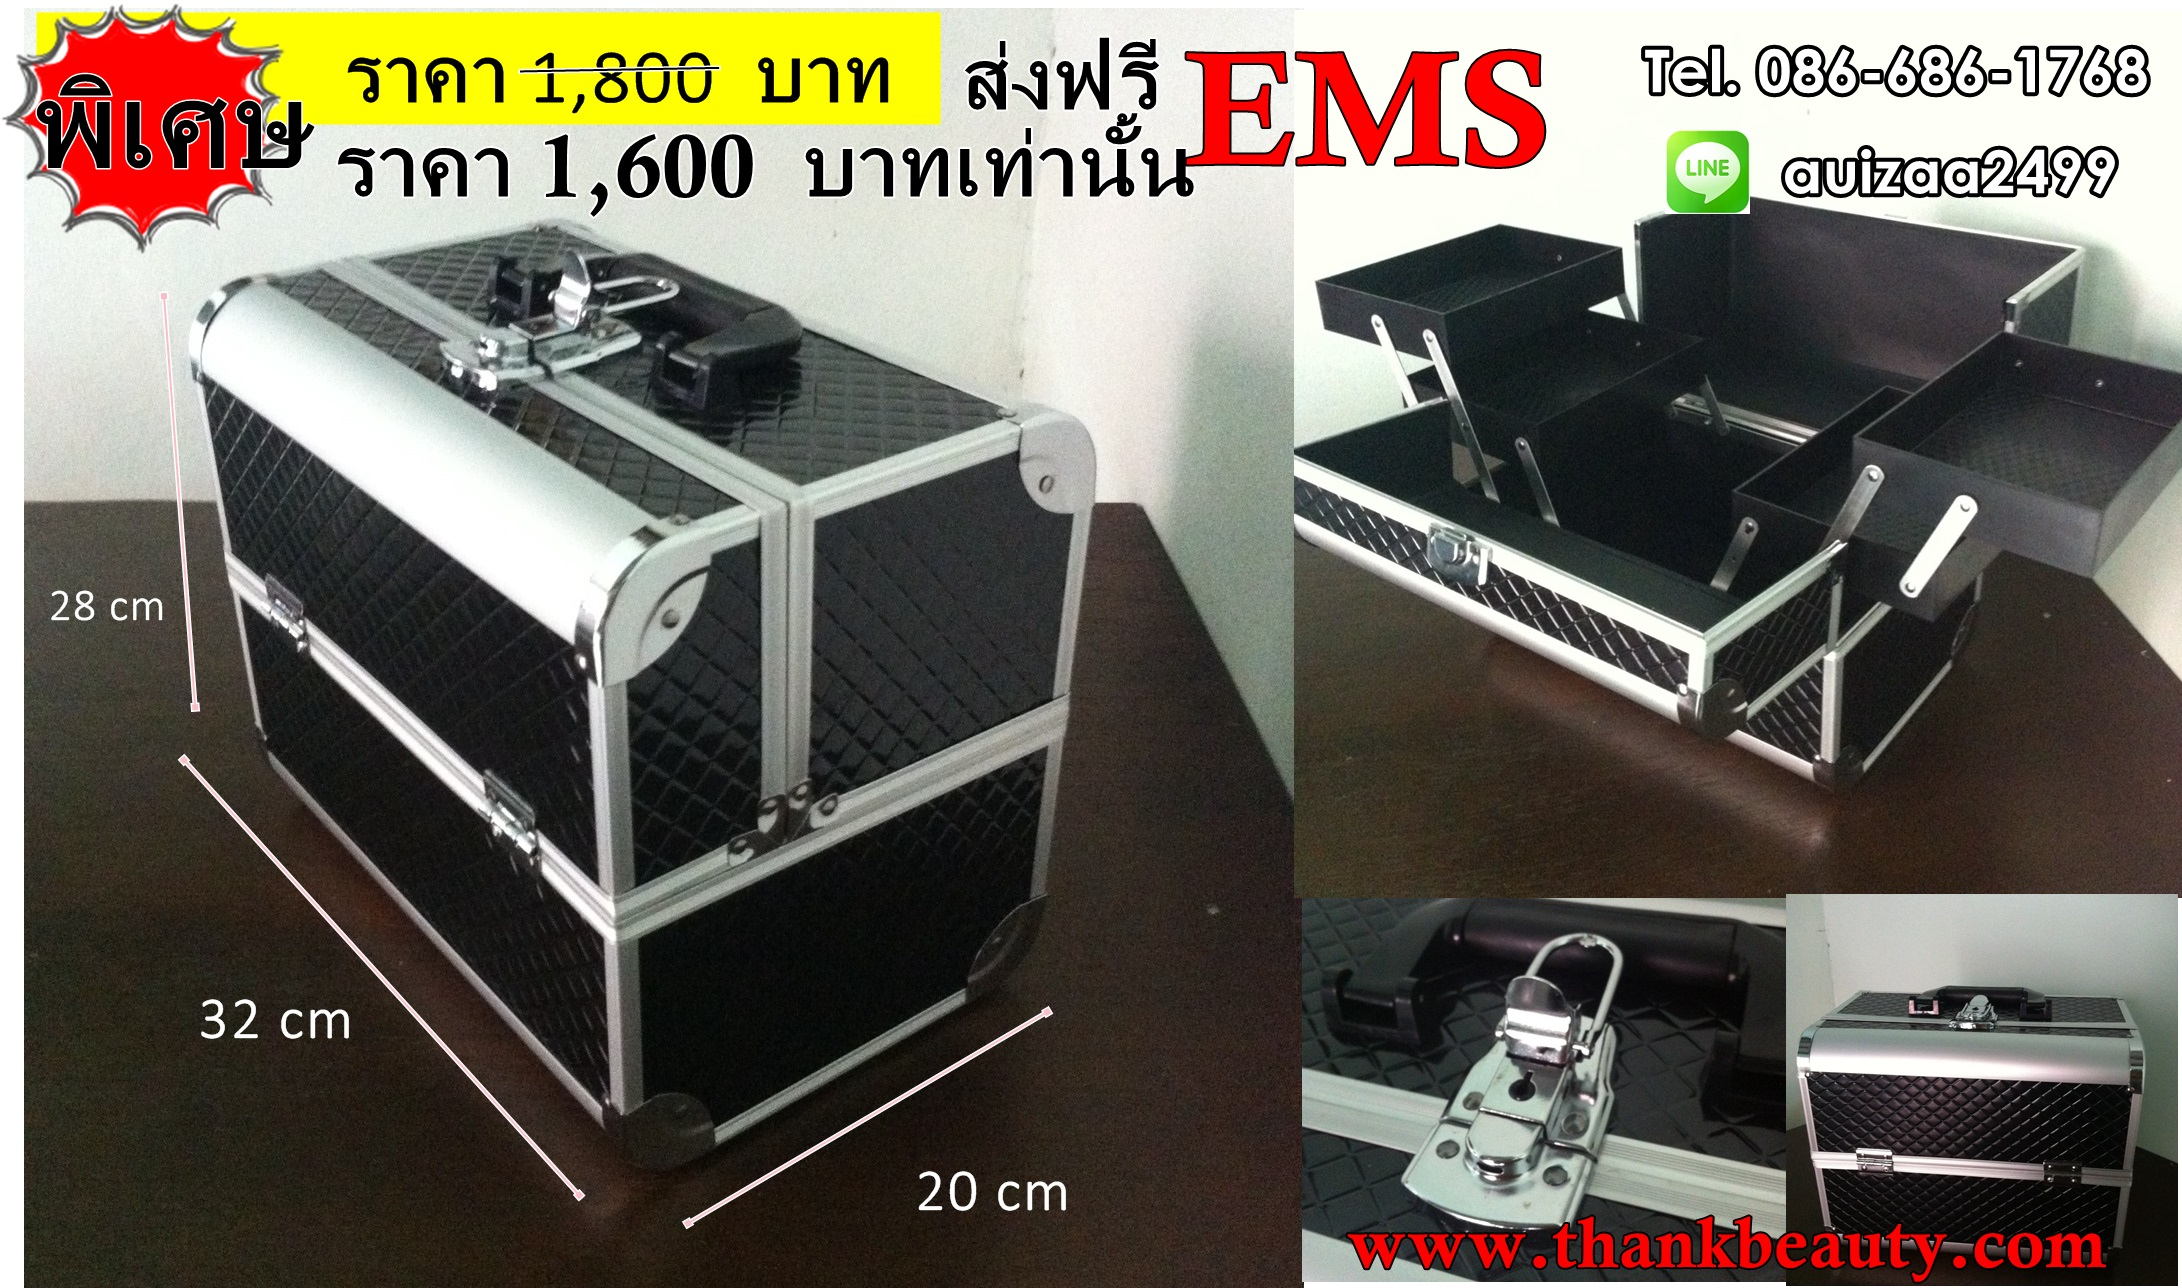 กล่องเครื่องสำอางสีดำ